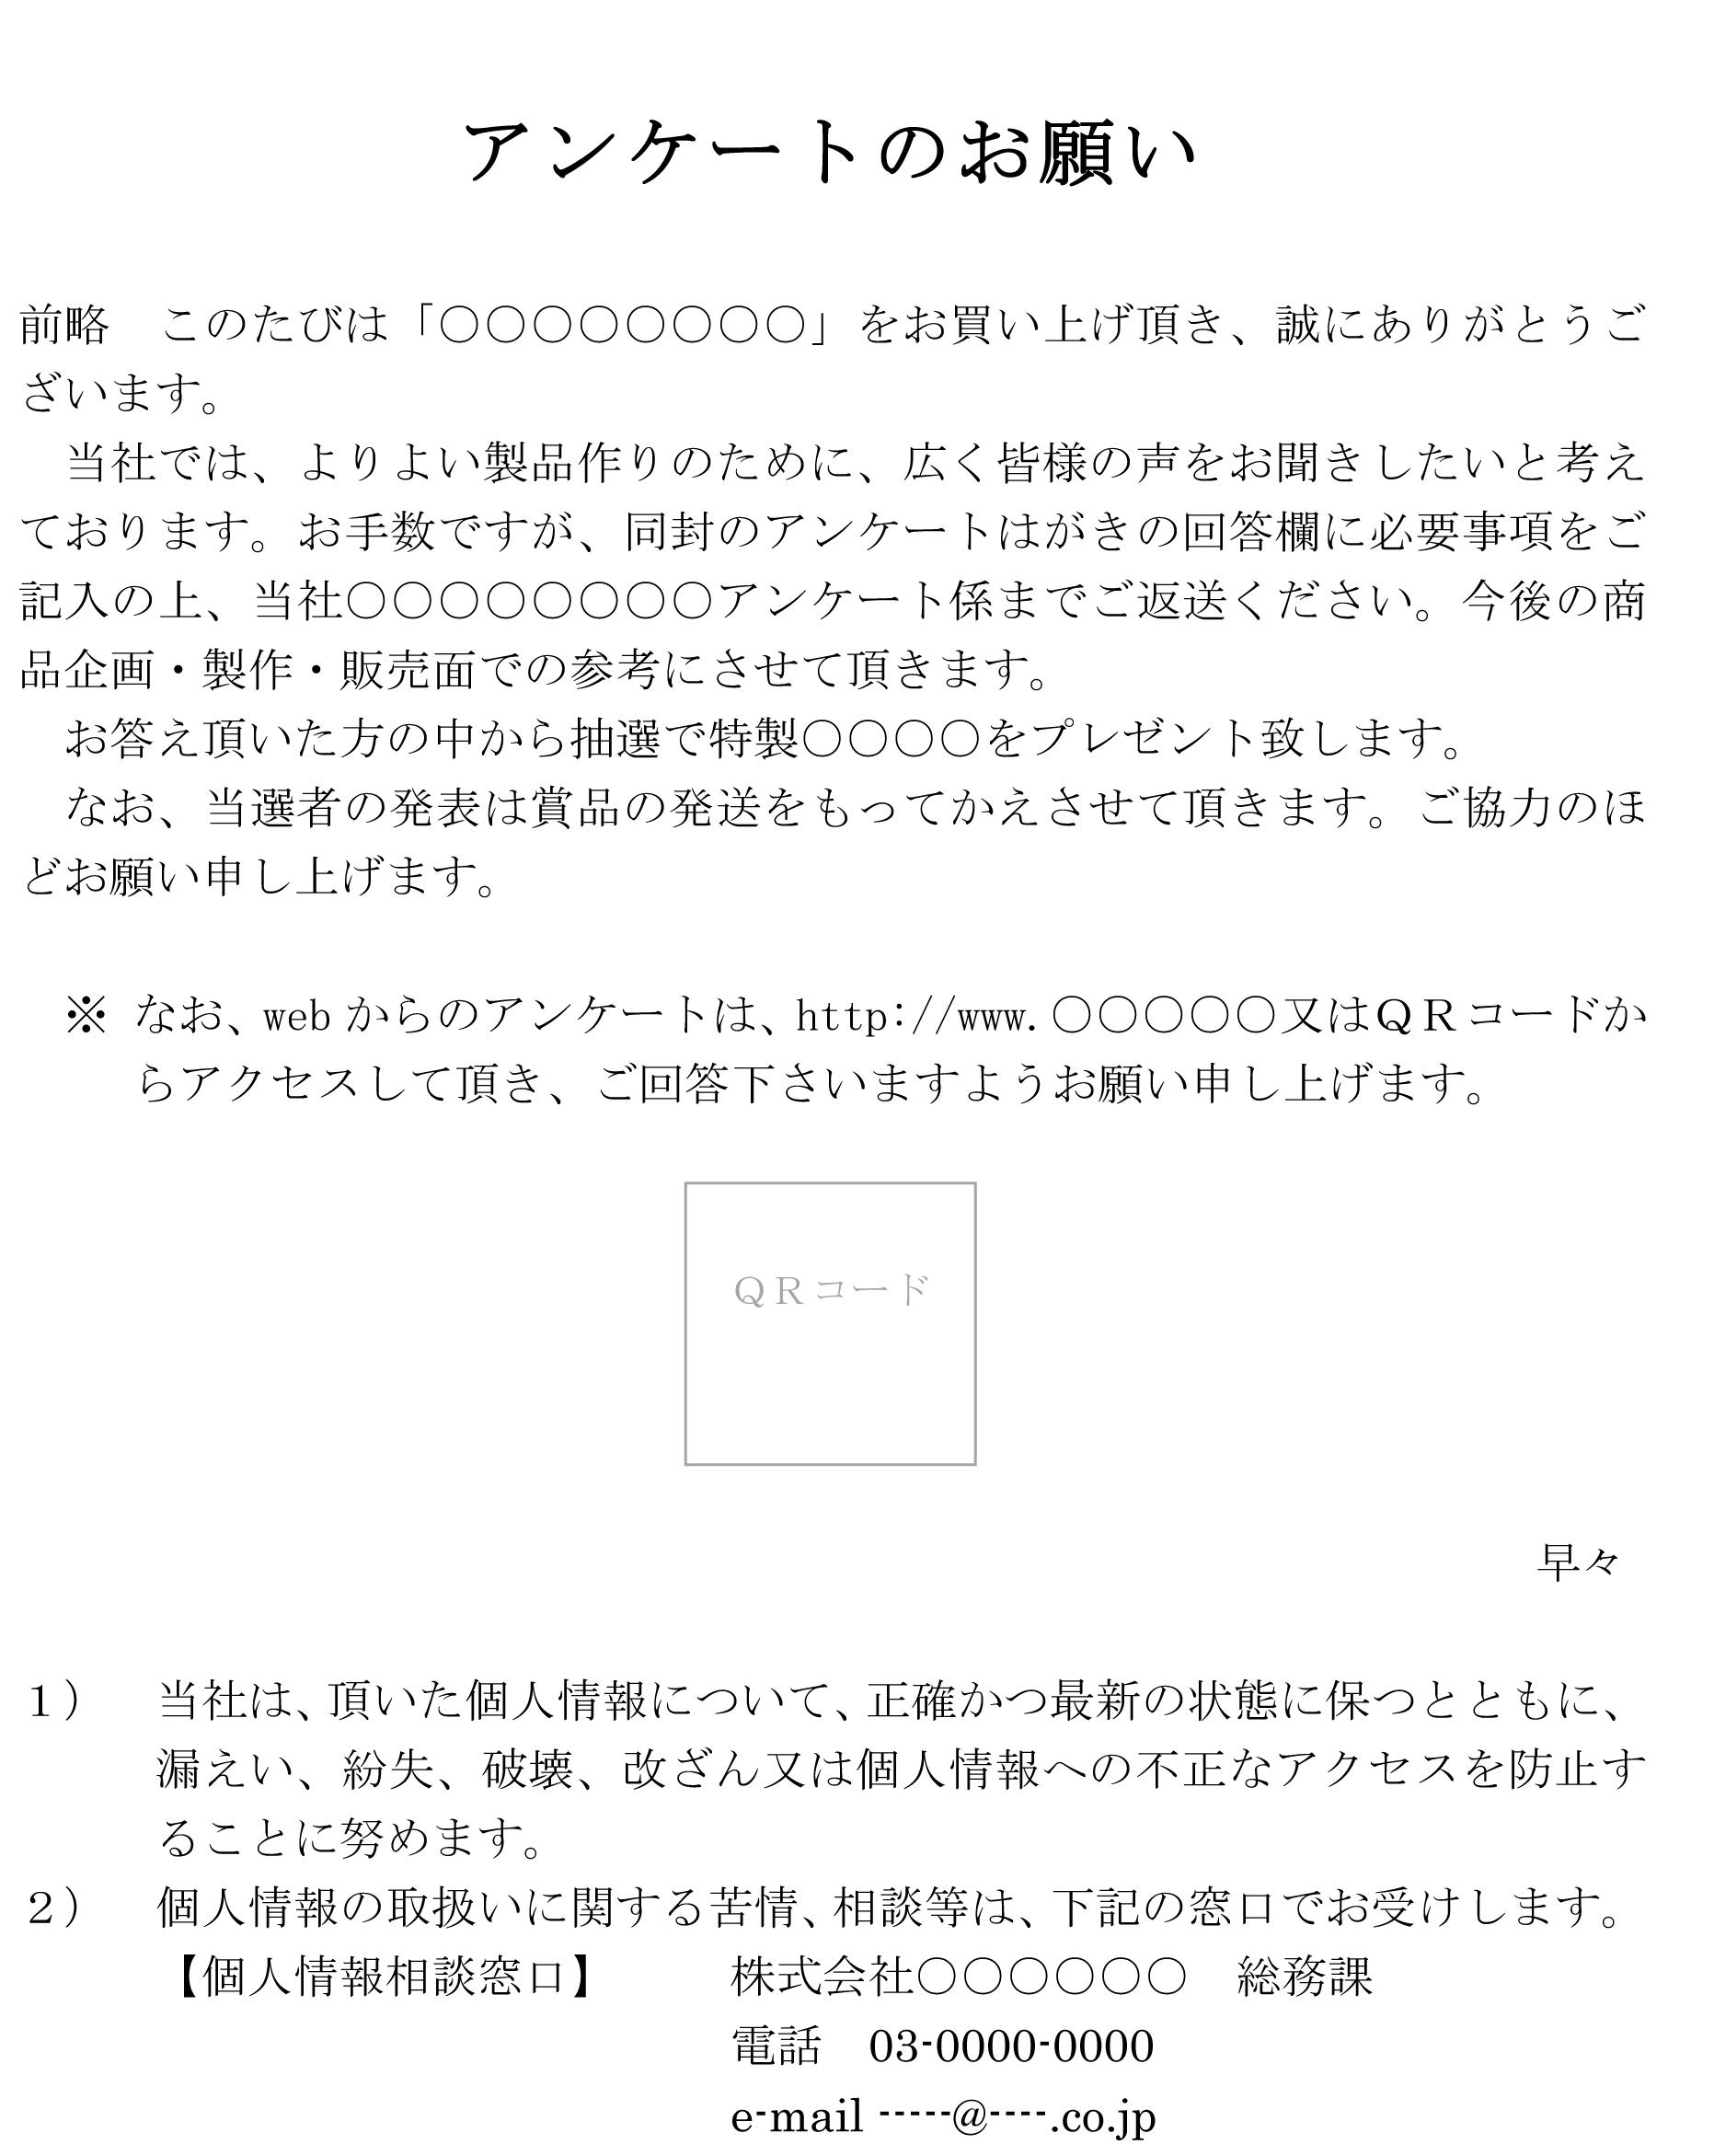 依頼状(アンケート協力)_8